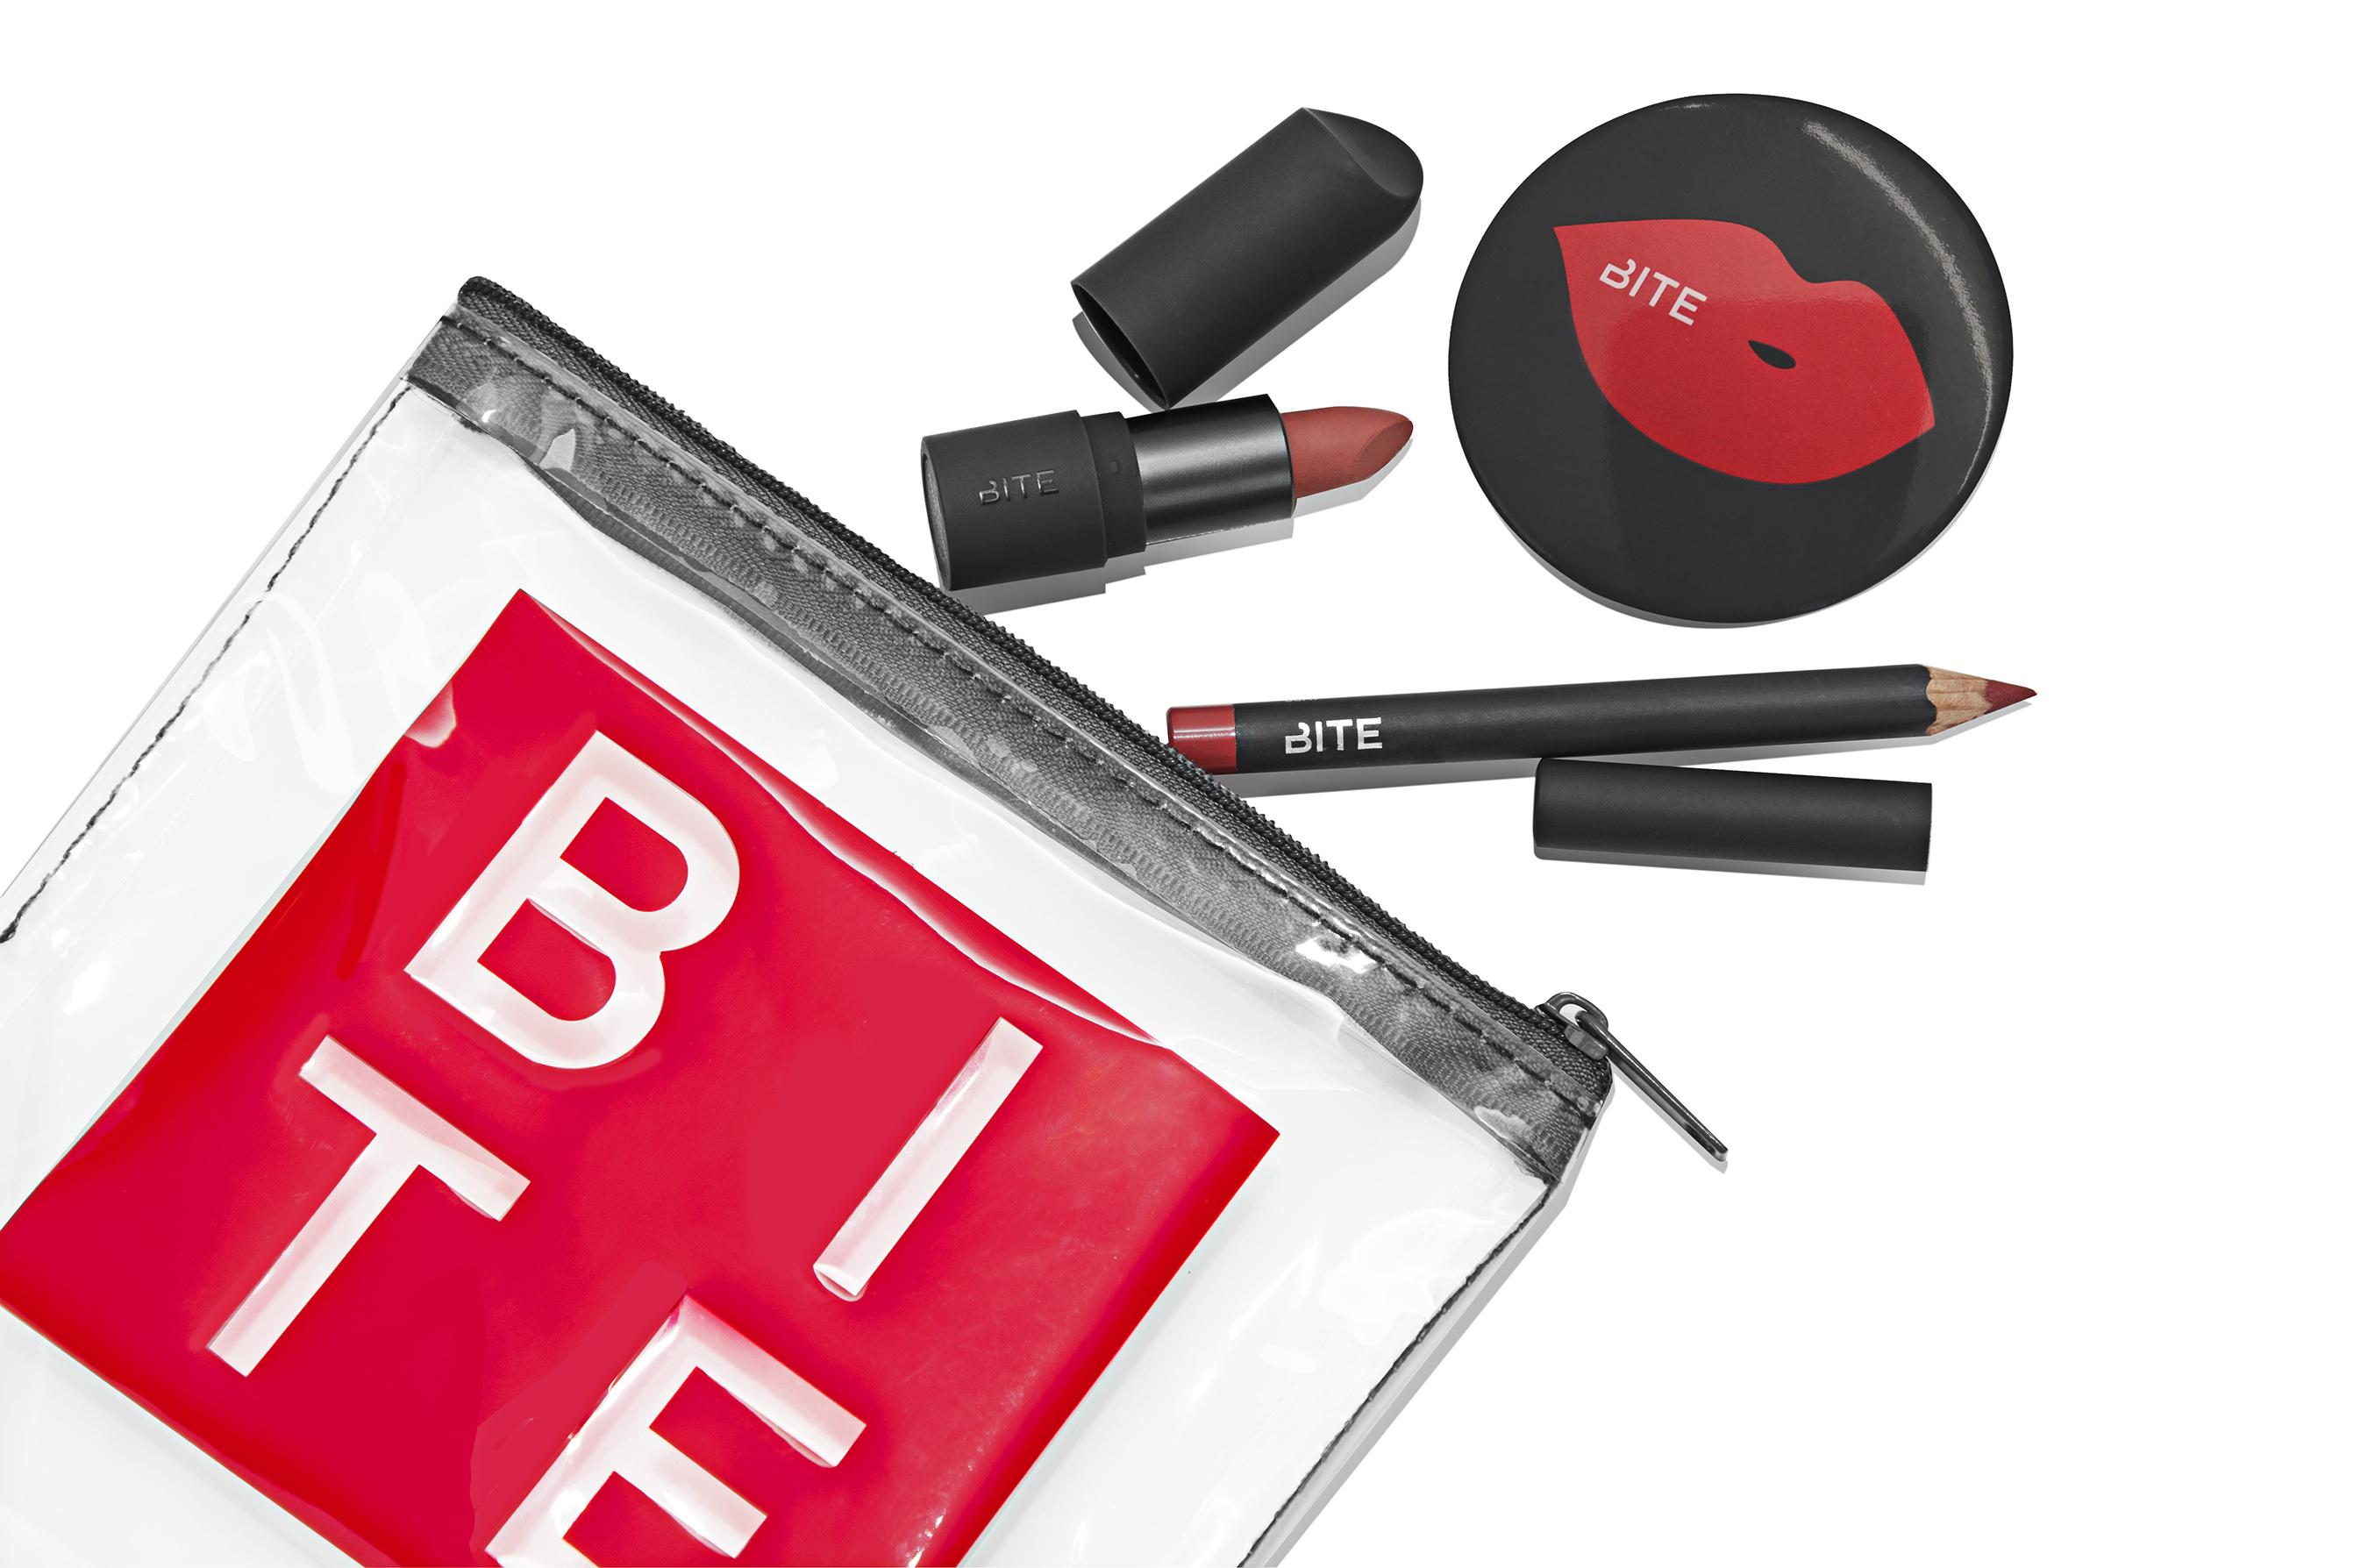 Bite Beauty Launches E-Commerce Website